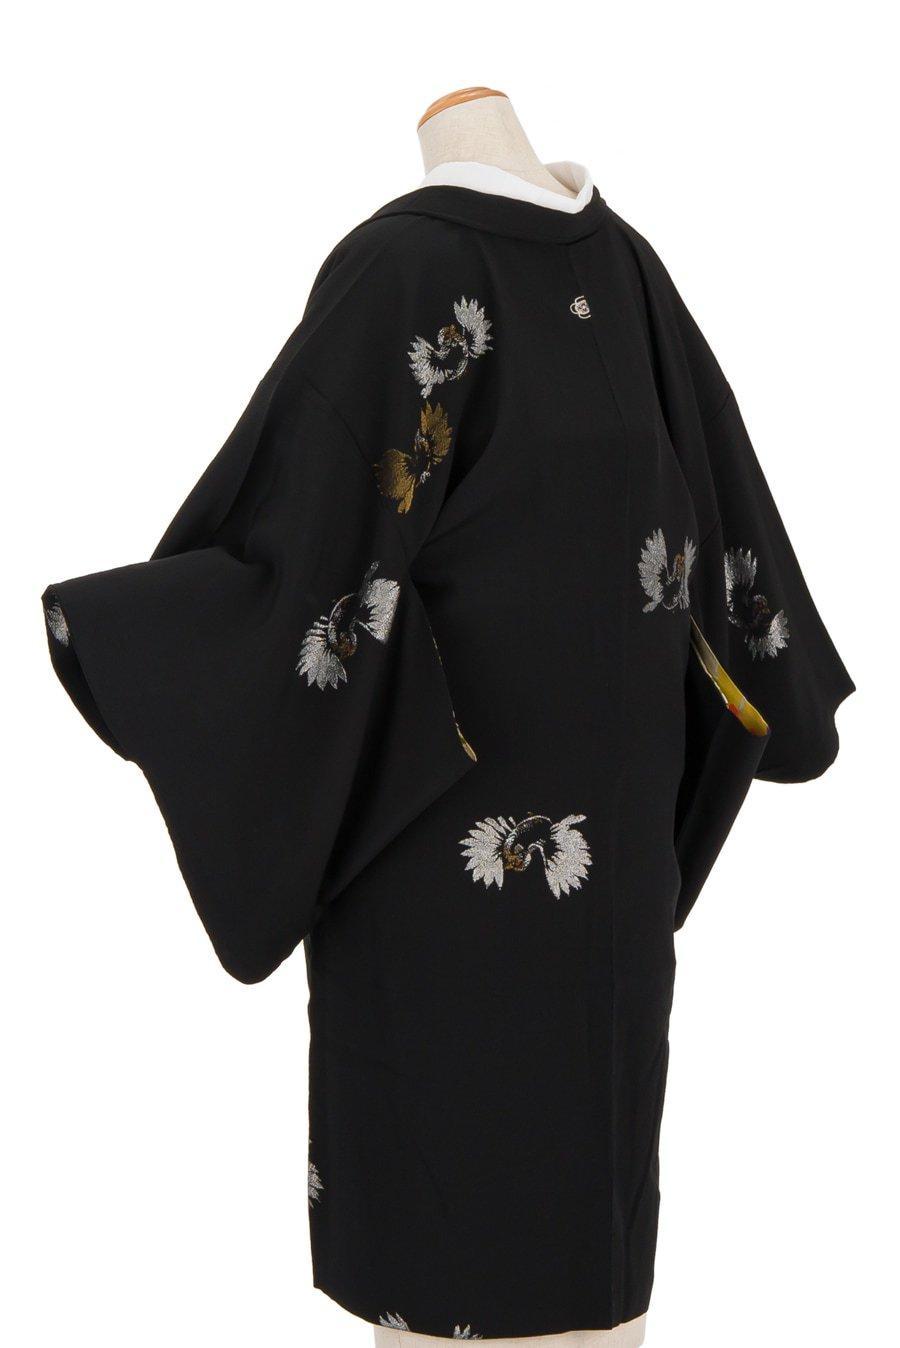 「アンティーク着物 一つ紋 雀」の商品画像